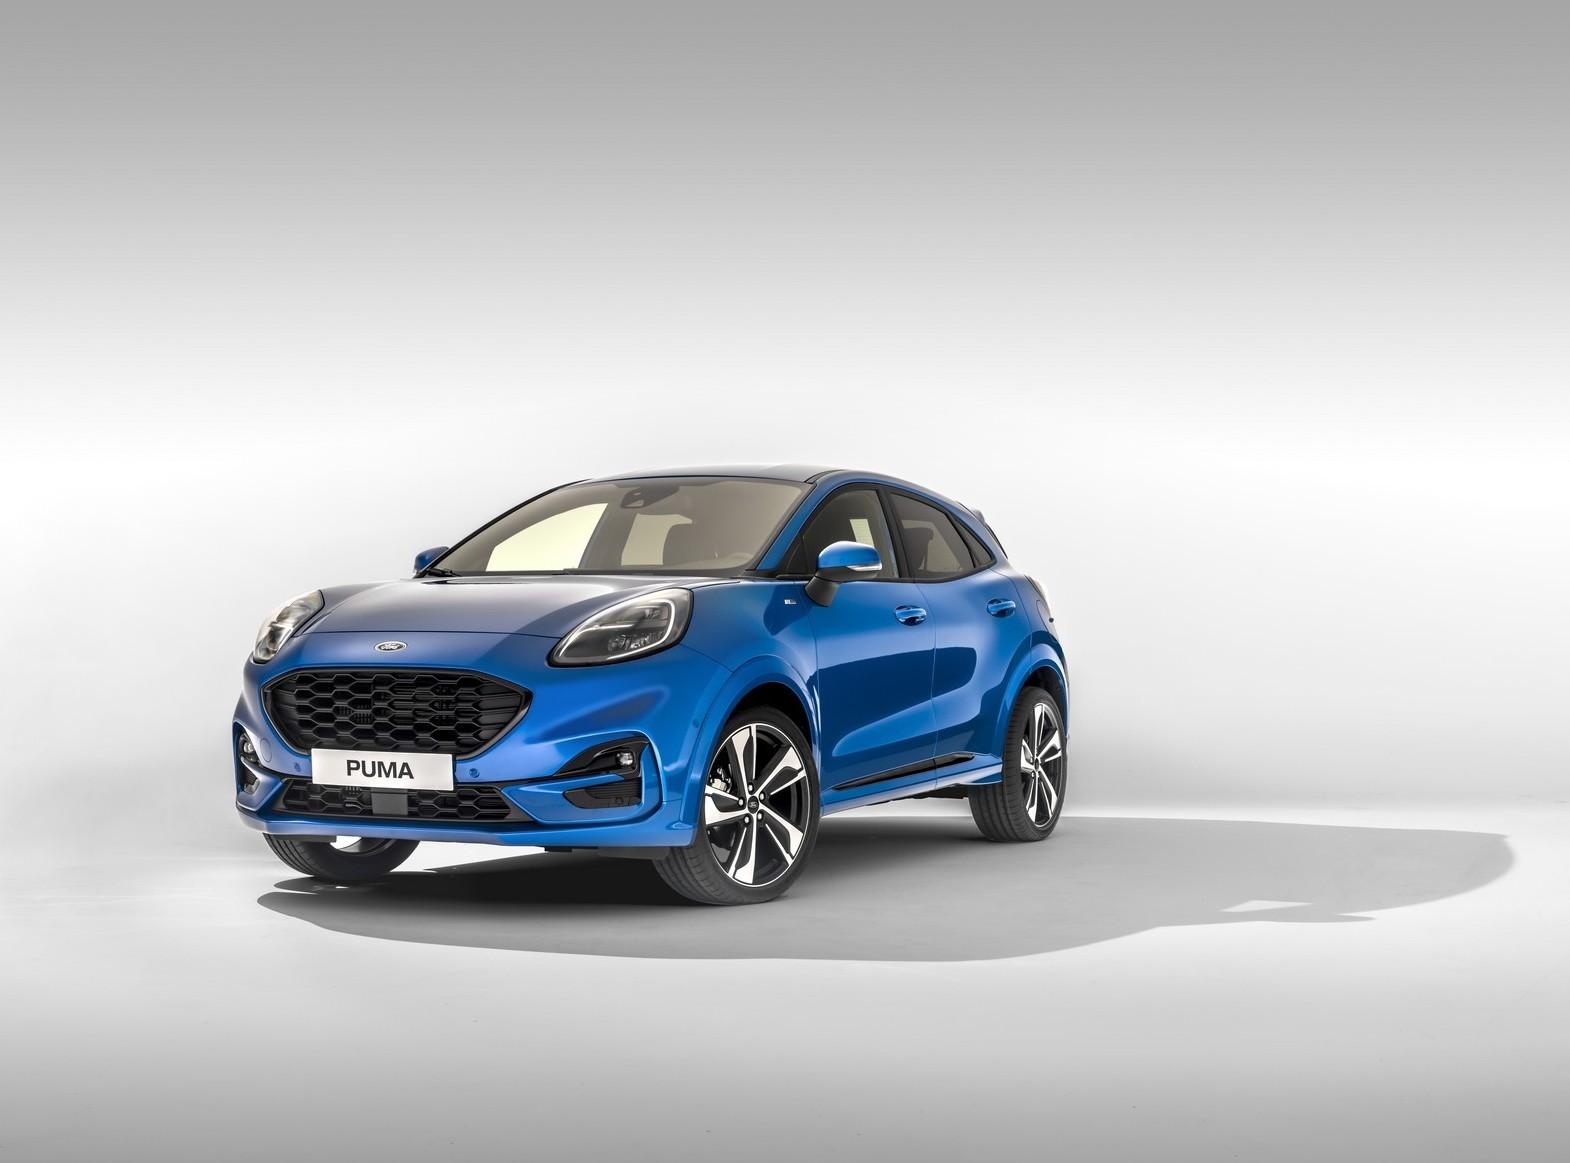 Ford Puma 2019 prezzi listino, modelli,